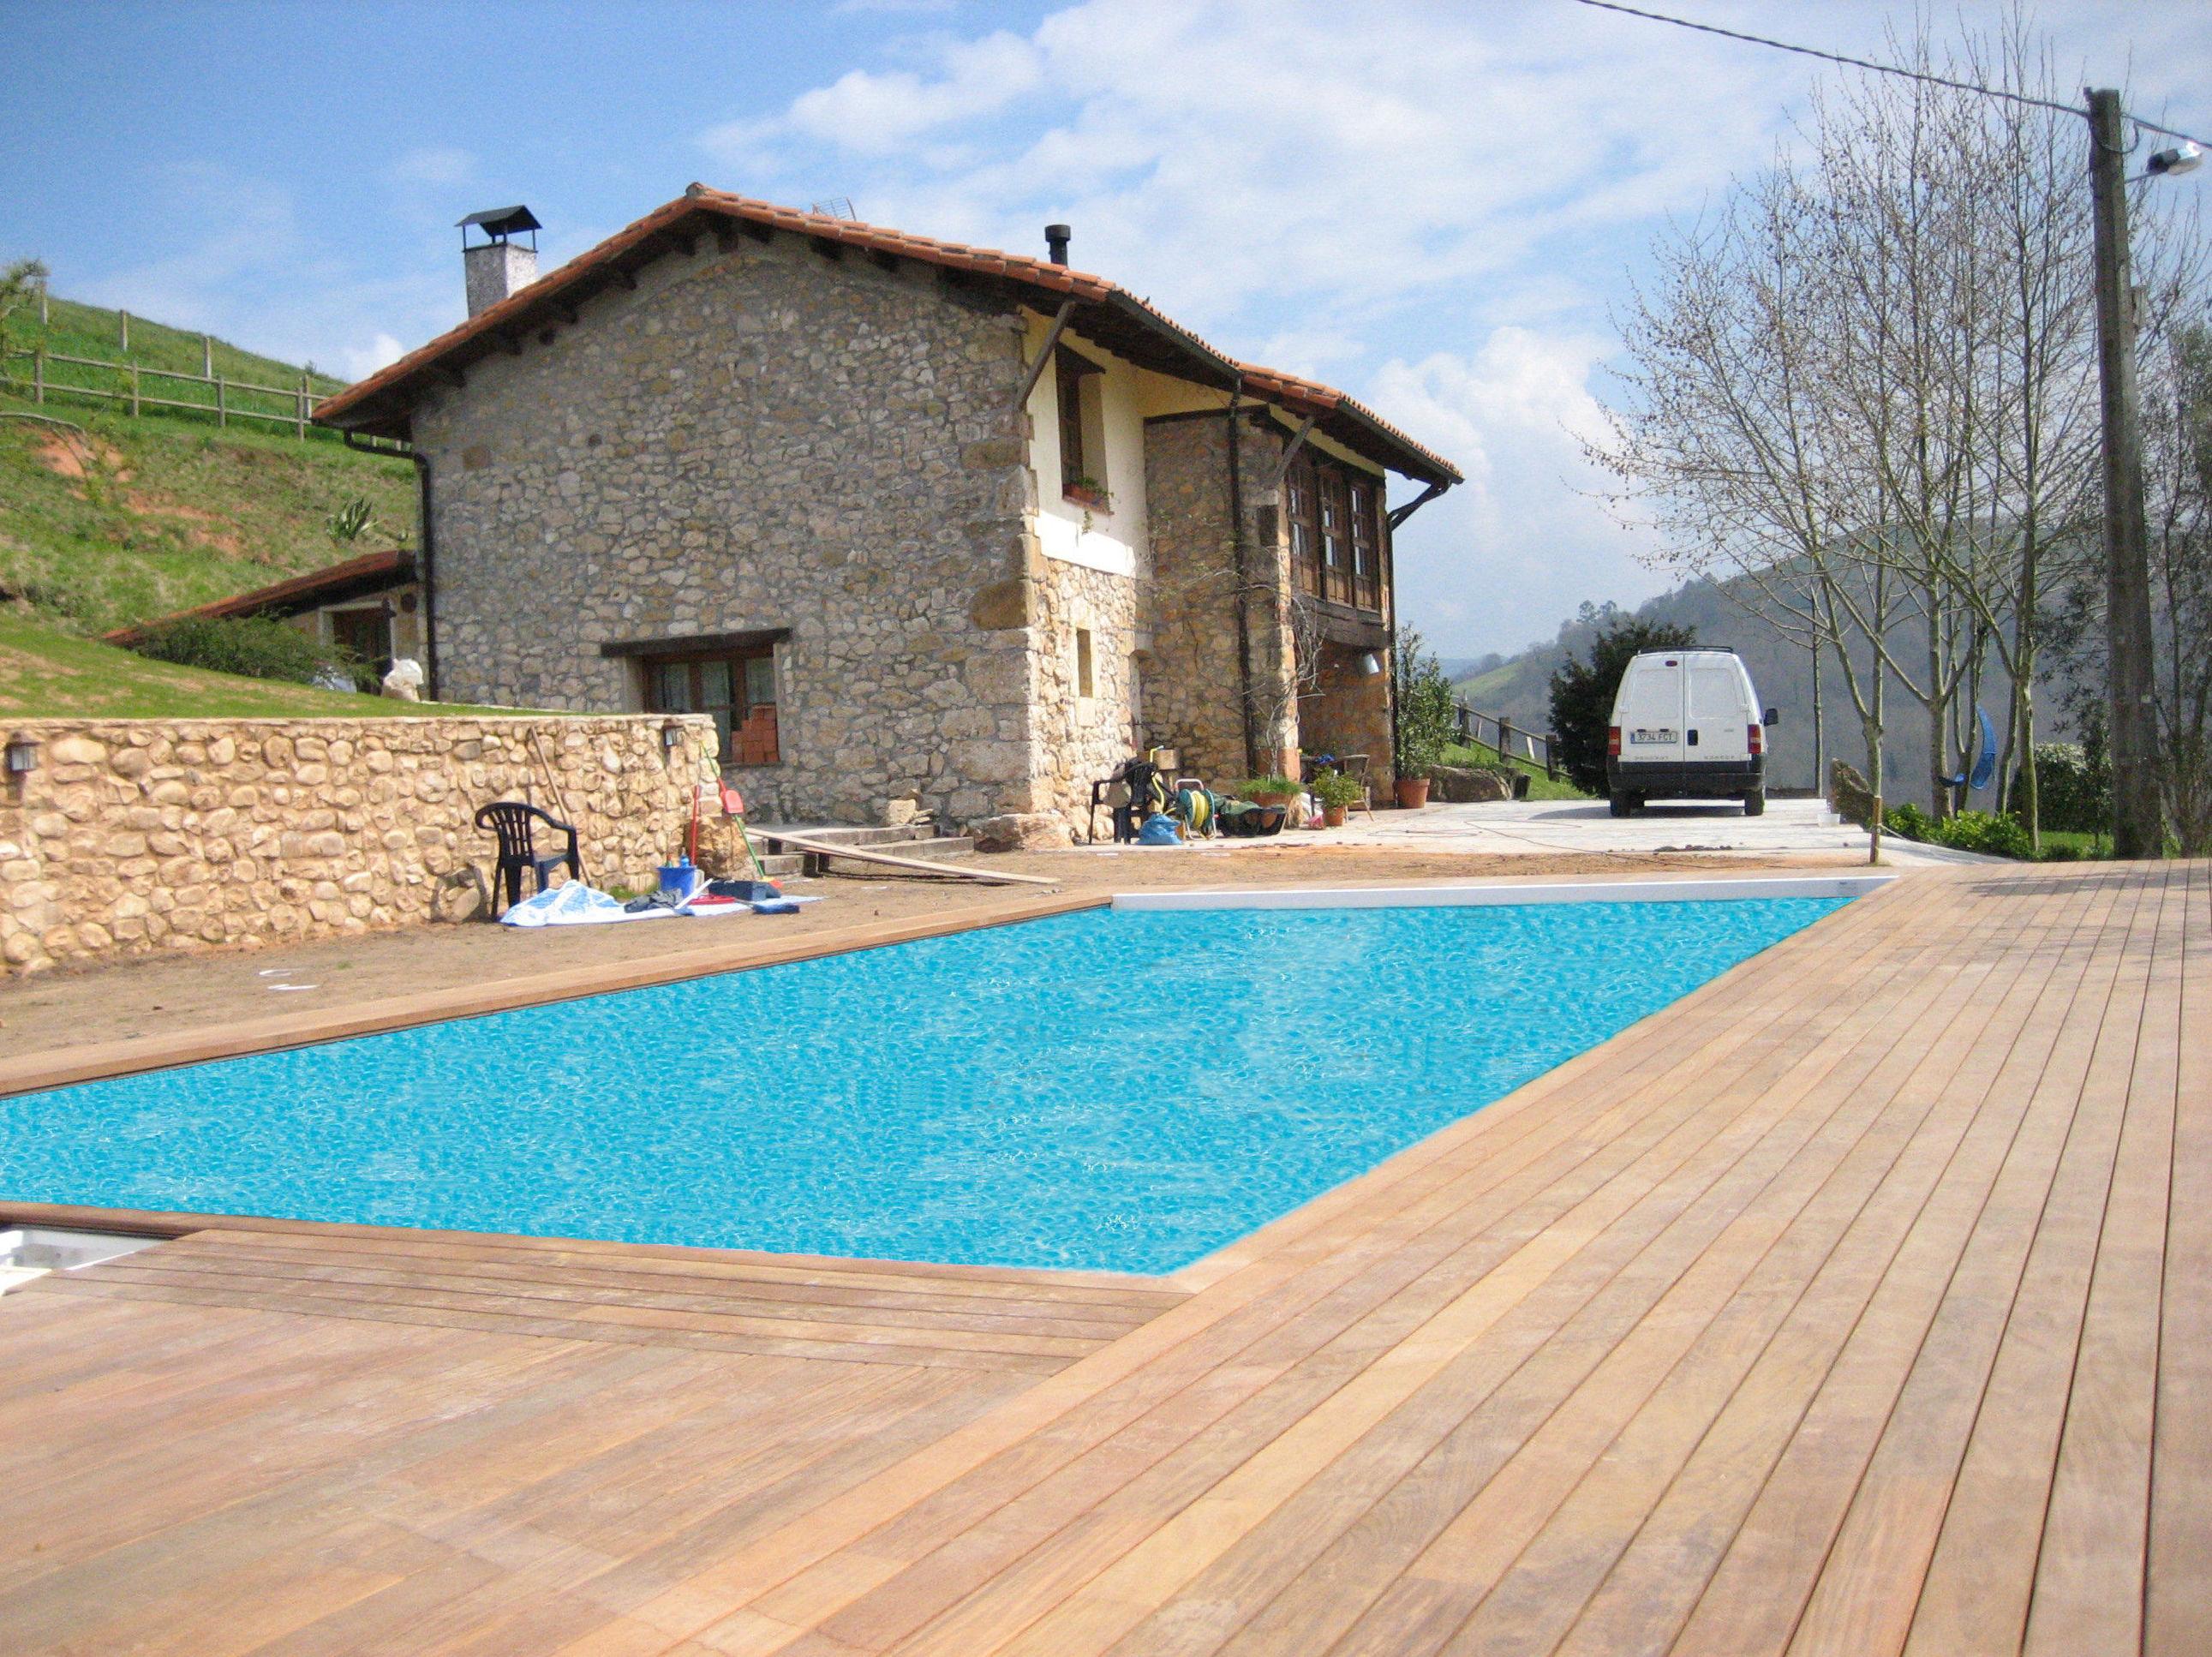 Tarima exteriores piscina casa rural ASTURIAS